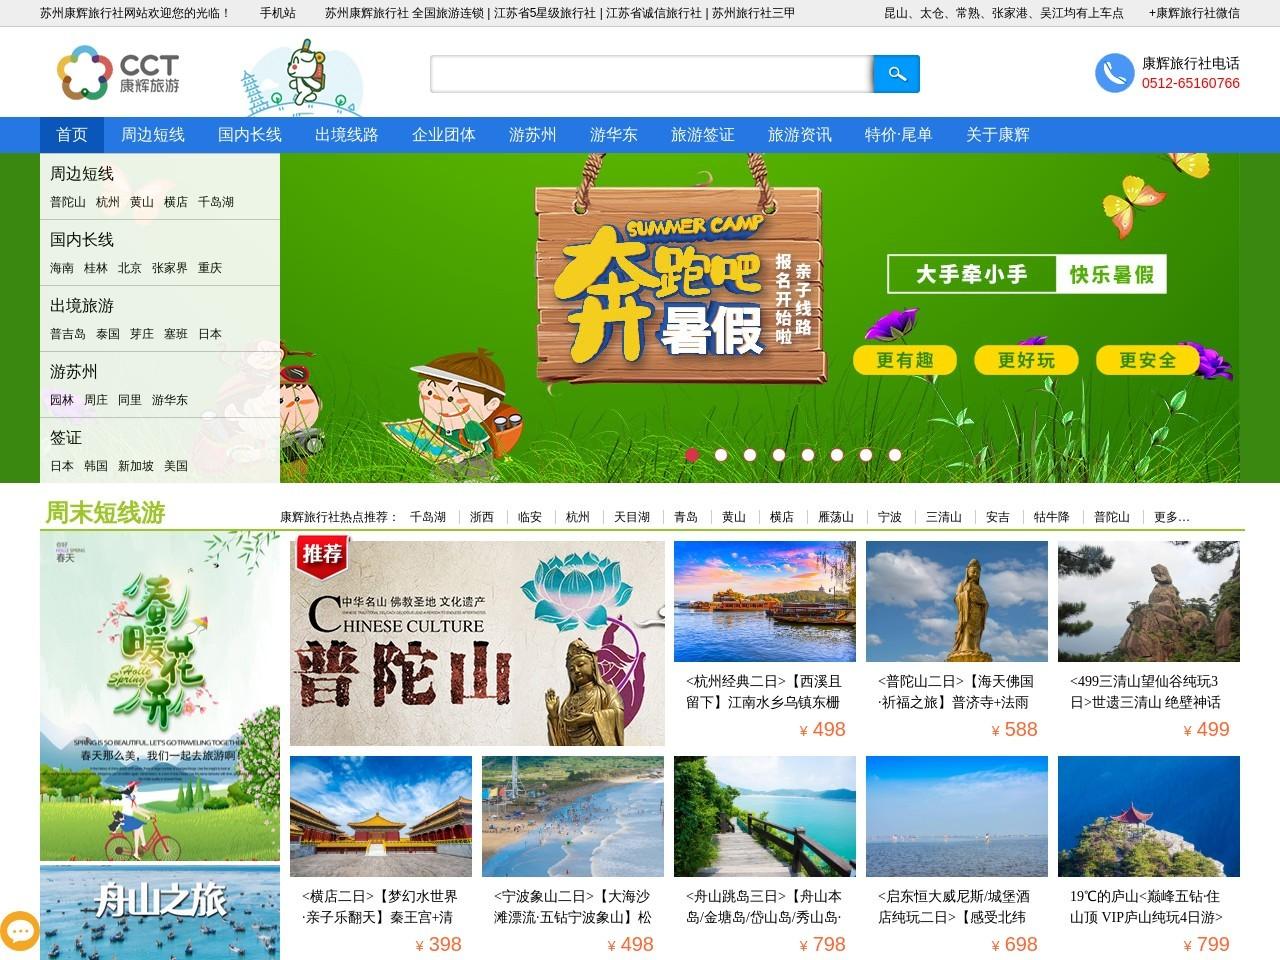 苏州康辉旅行社网站_康辉旅行社全国连锁_苏州旅行社官网排名前